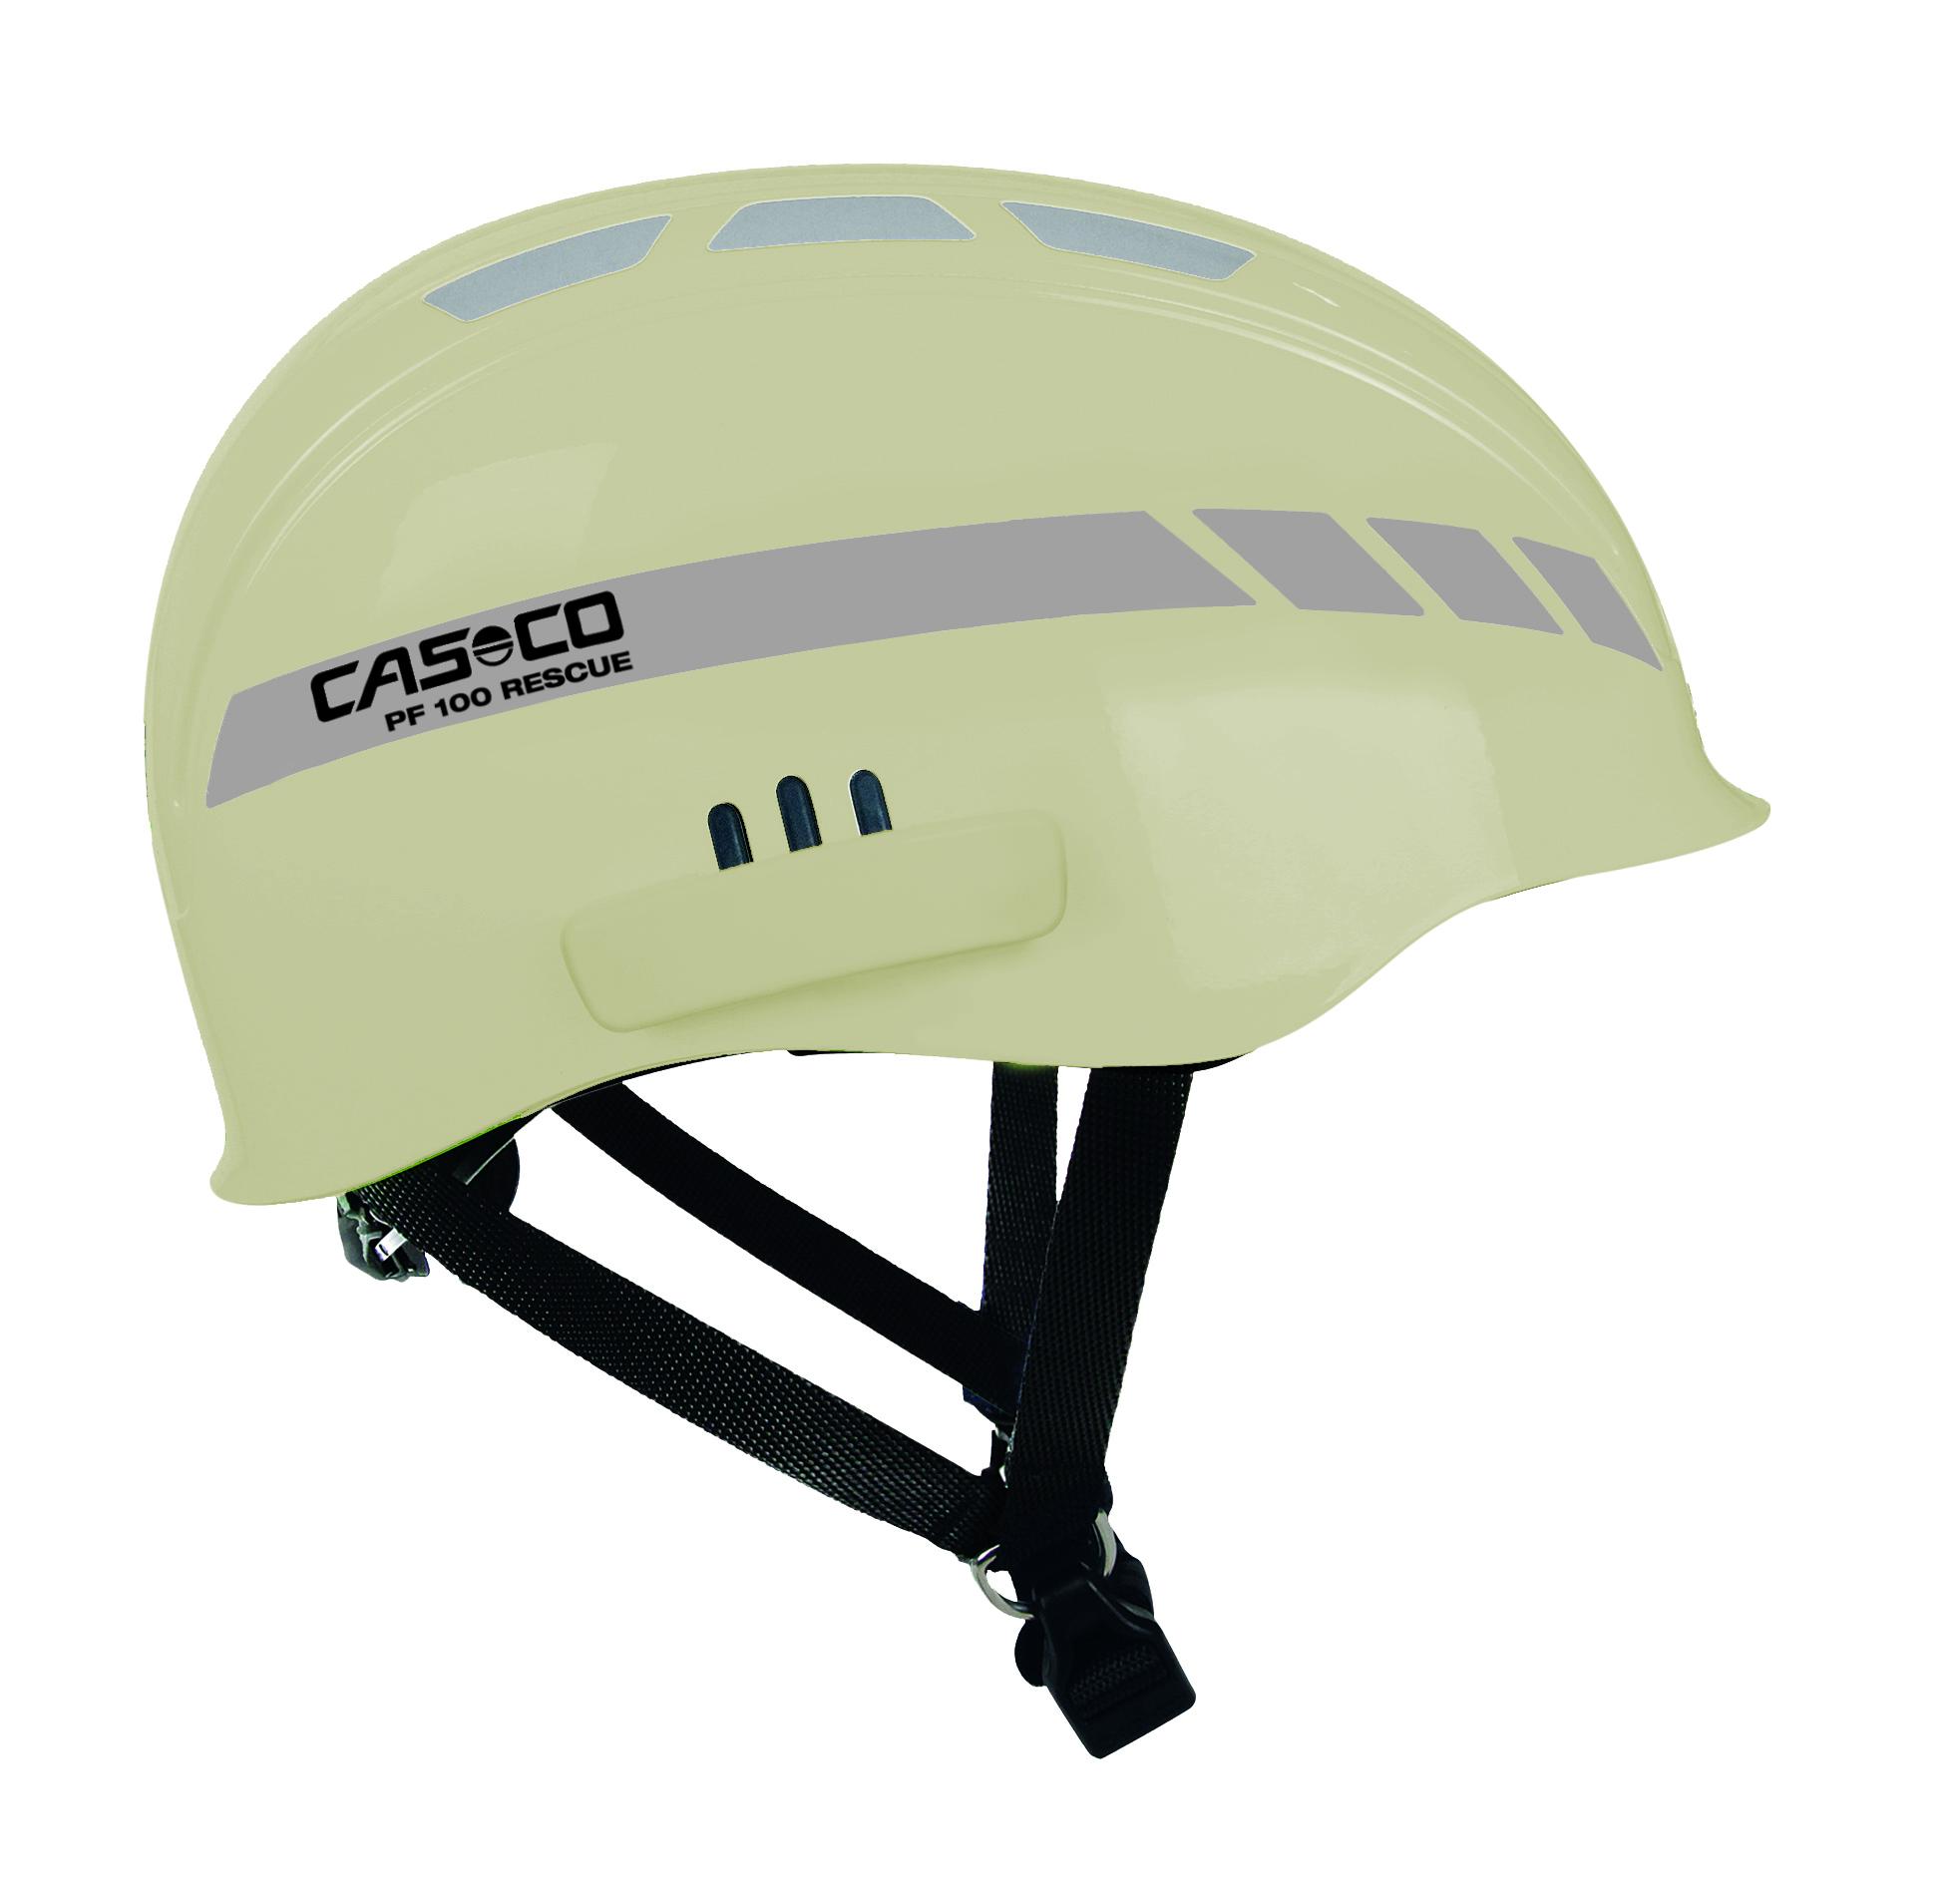 Casco Helm PF 100 Rescue, nachleuchtend